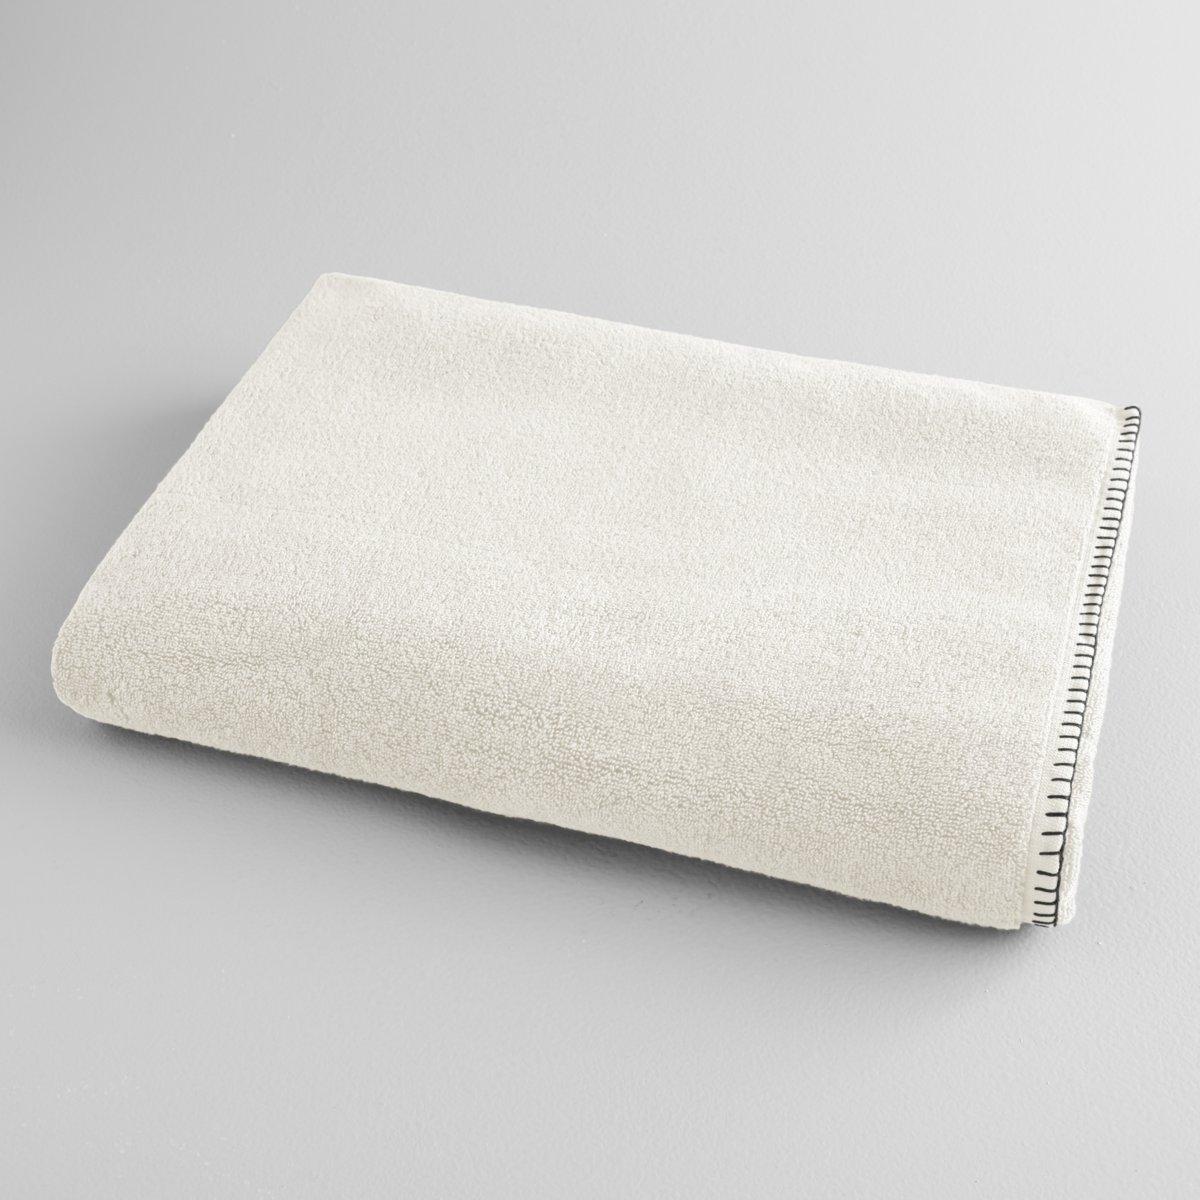 Полотенце большое банное Kyla